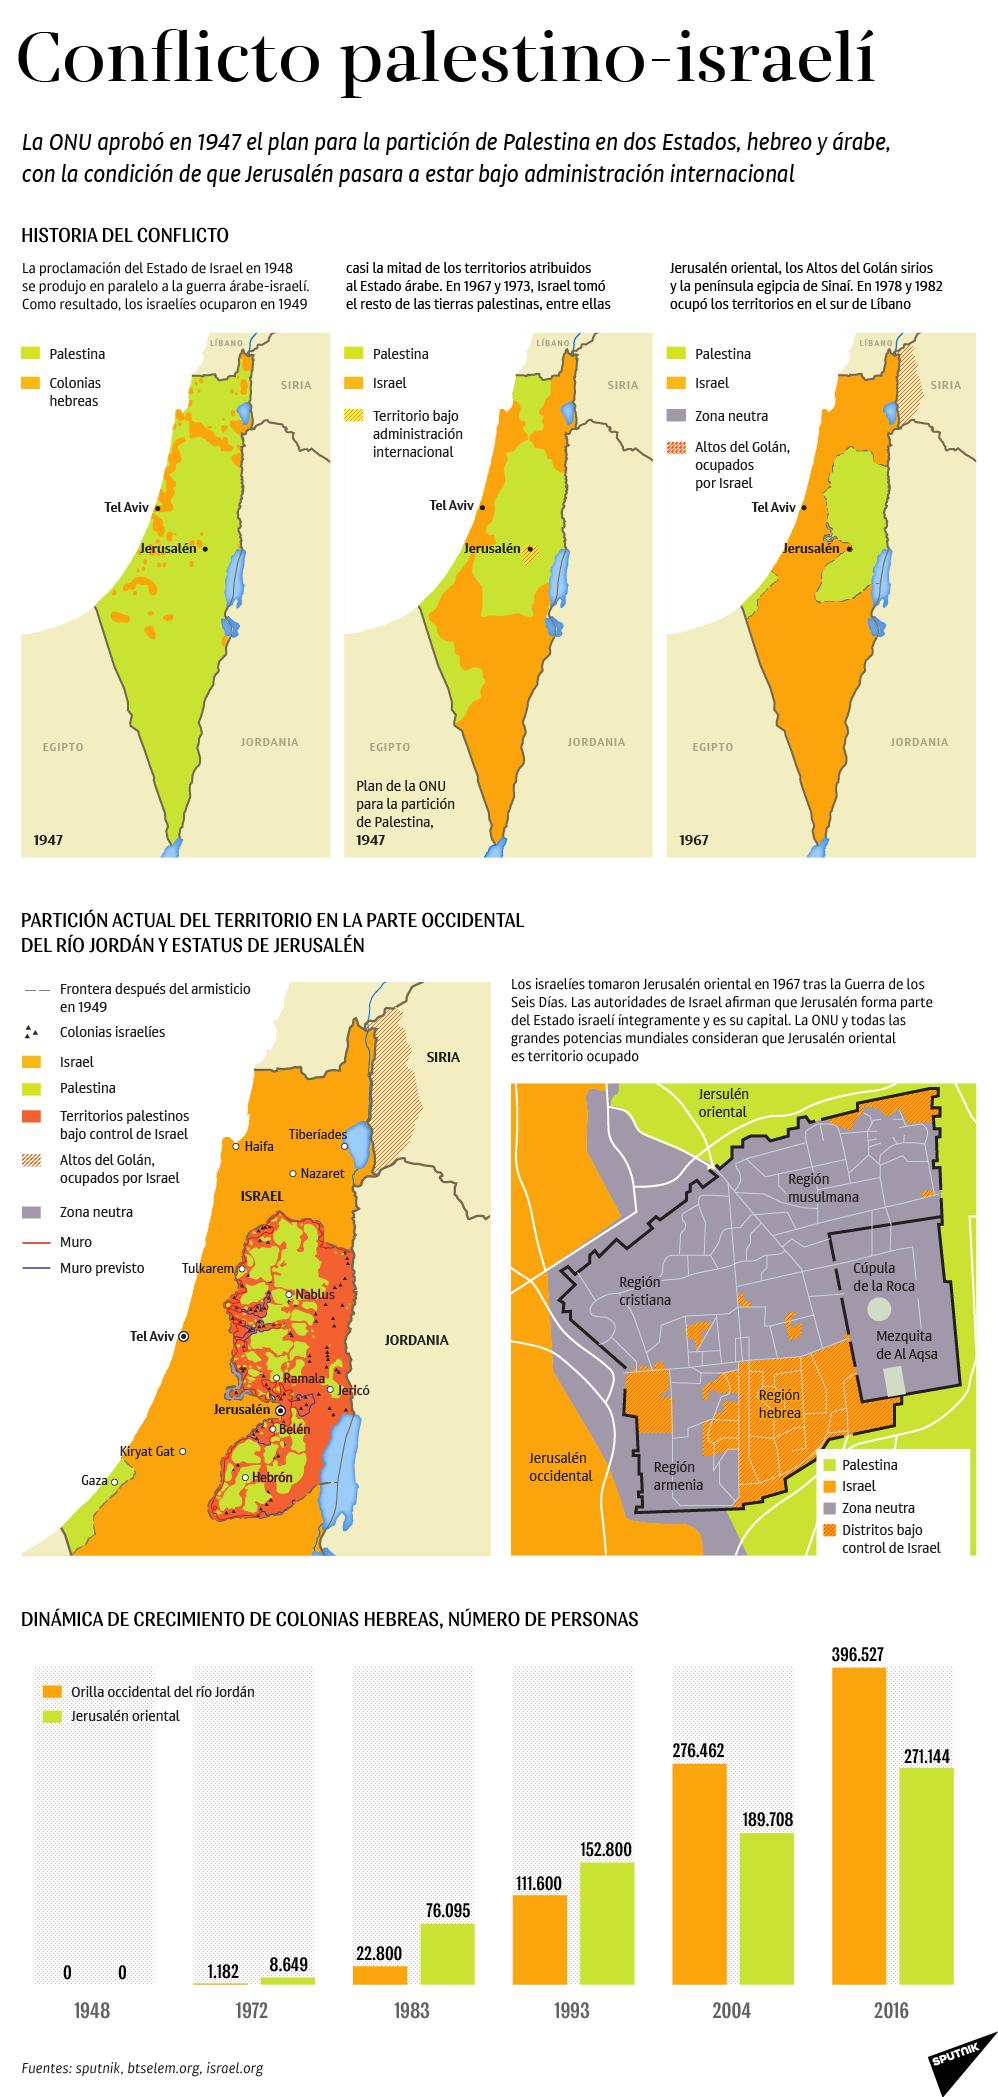 Todo lo hay que saber sobre el conflicto palestino-israelí